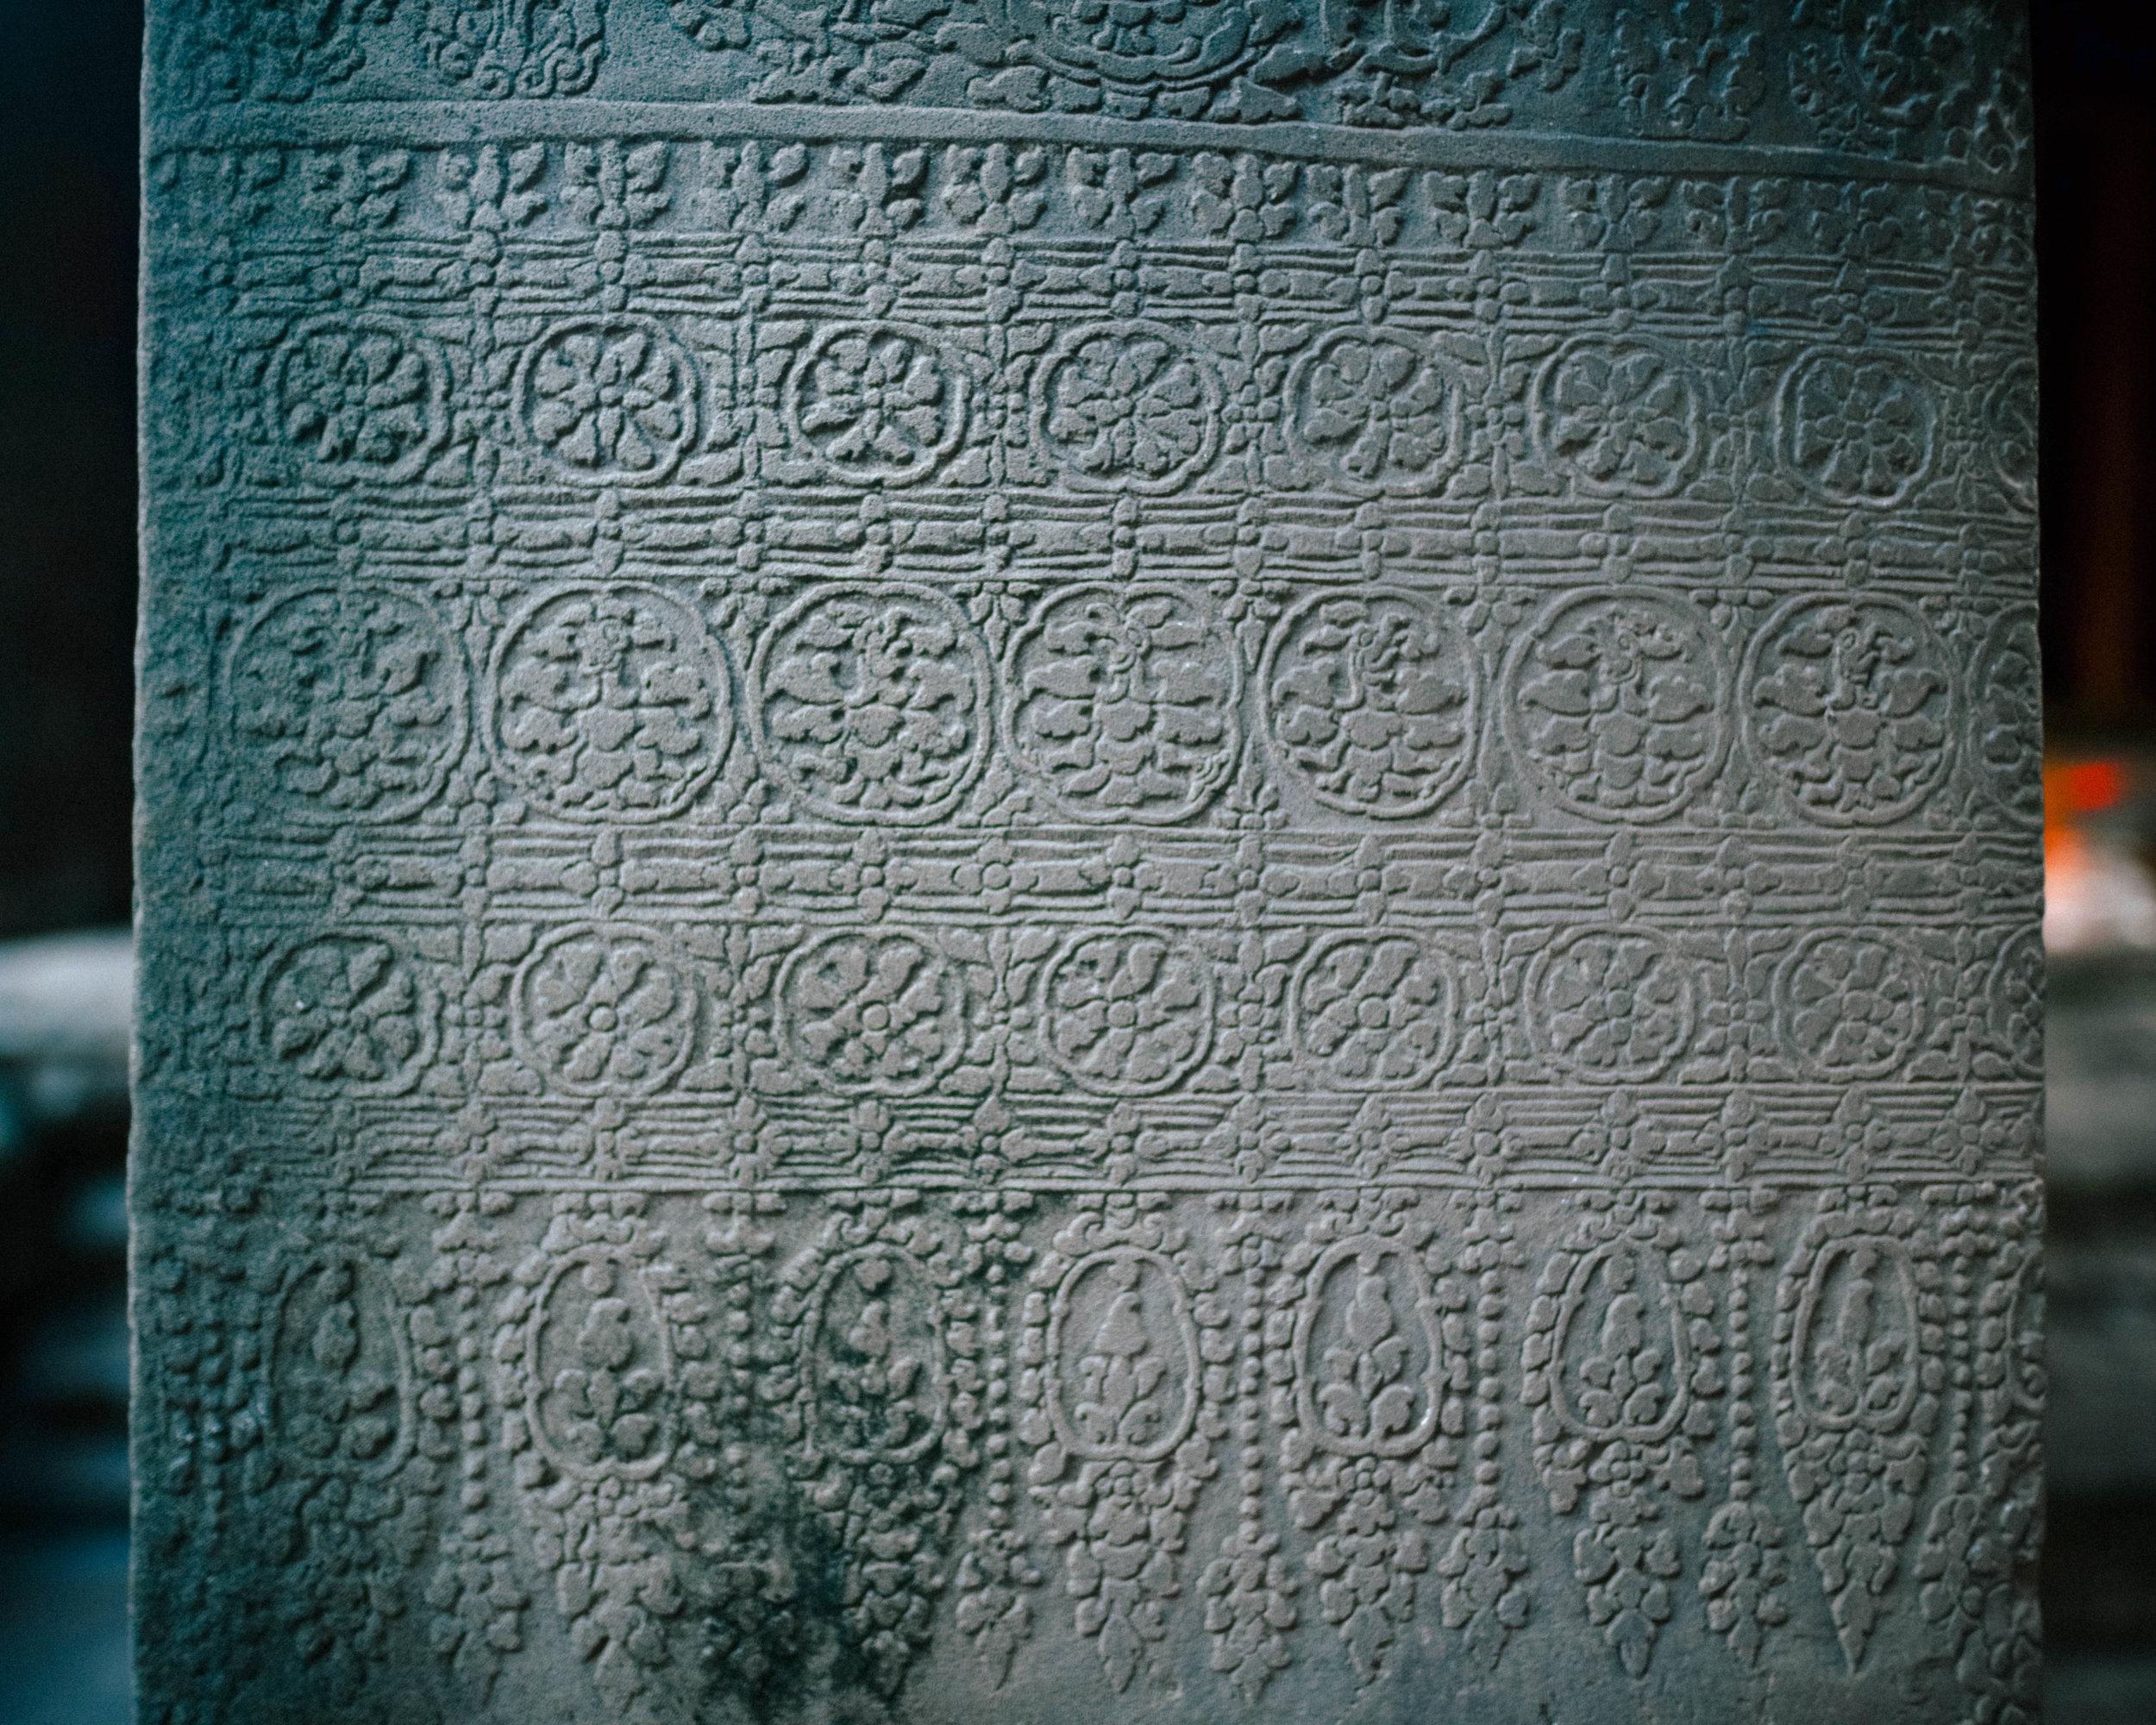 angkor wat textured wall